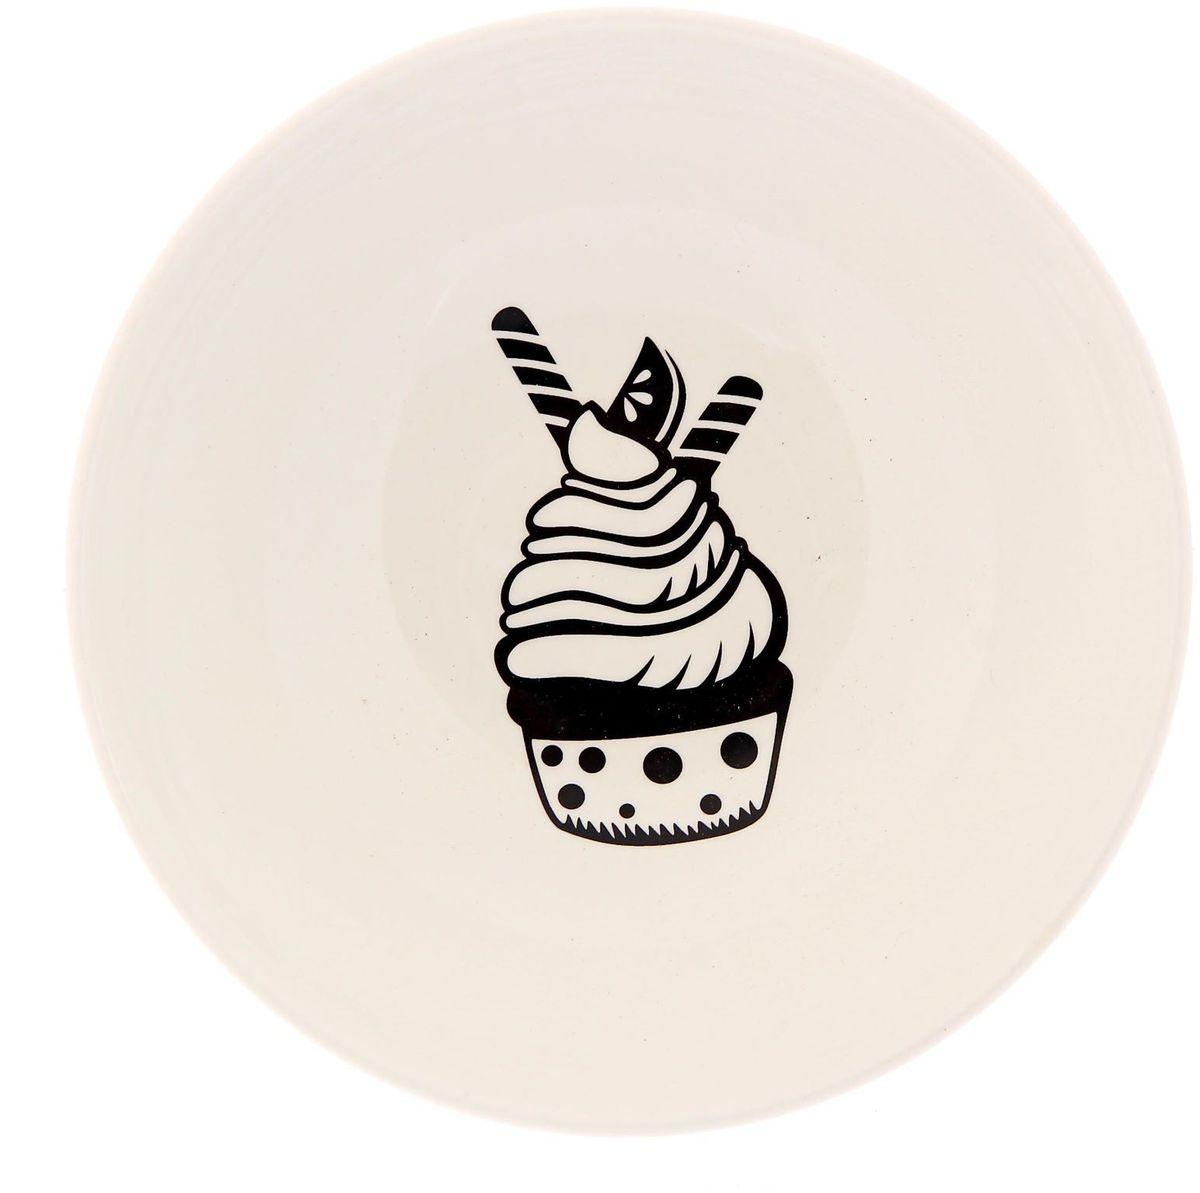 Салатник Сотвори чудо Маффин, диаметр 16,5 см2277847Хотите обновить интерьер кухни или гостиной? Устраиваете необычную фотосессию или тематический праздник? А может, просто ищете подарок для близкого человека? Посуда « Сотвори Чудо» — правильный выбор в любой ситуации. Её достоинства: изящный фаянс нежного сливочного цвета; стойкость краски; пригодность для посудомоечных машин.